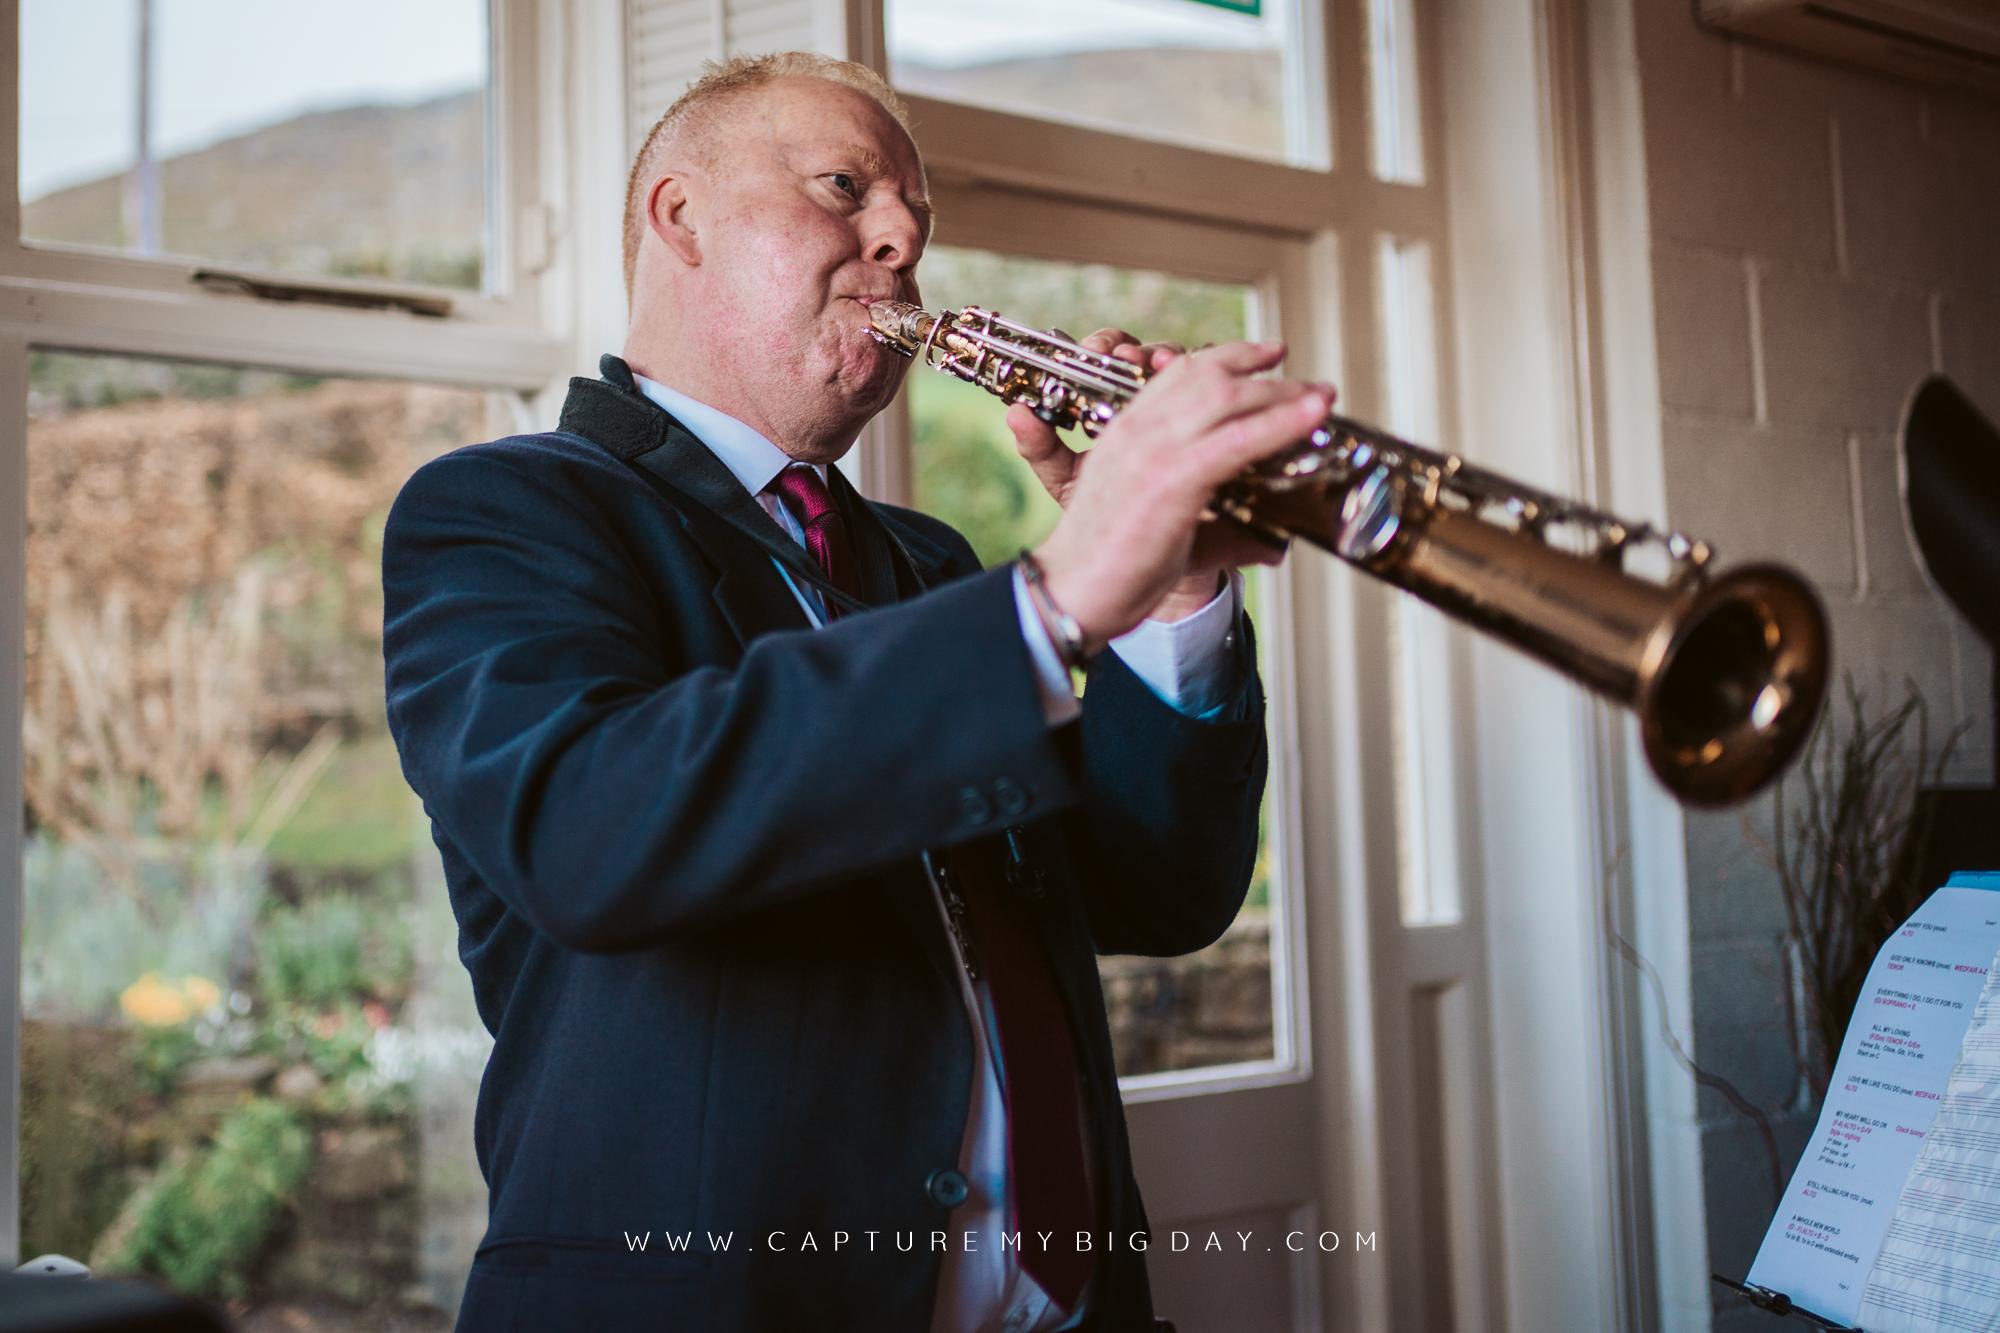 saxophone player at wedding